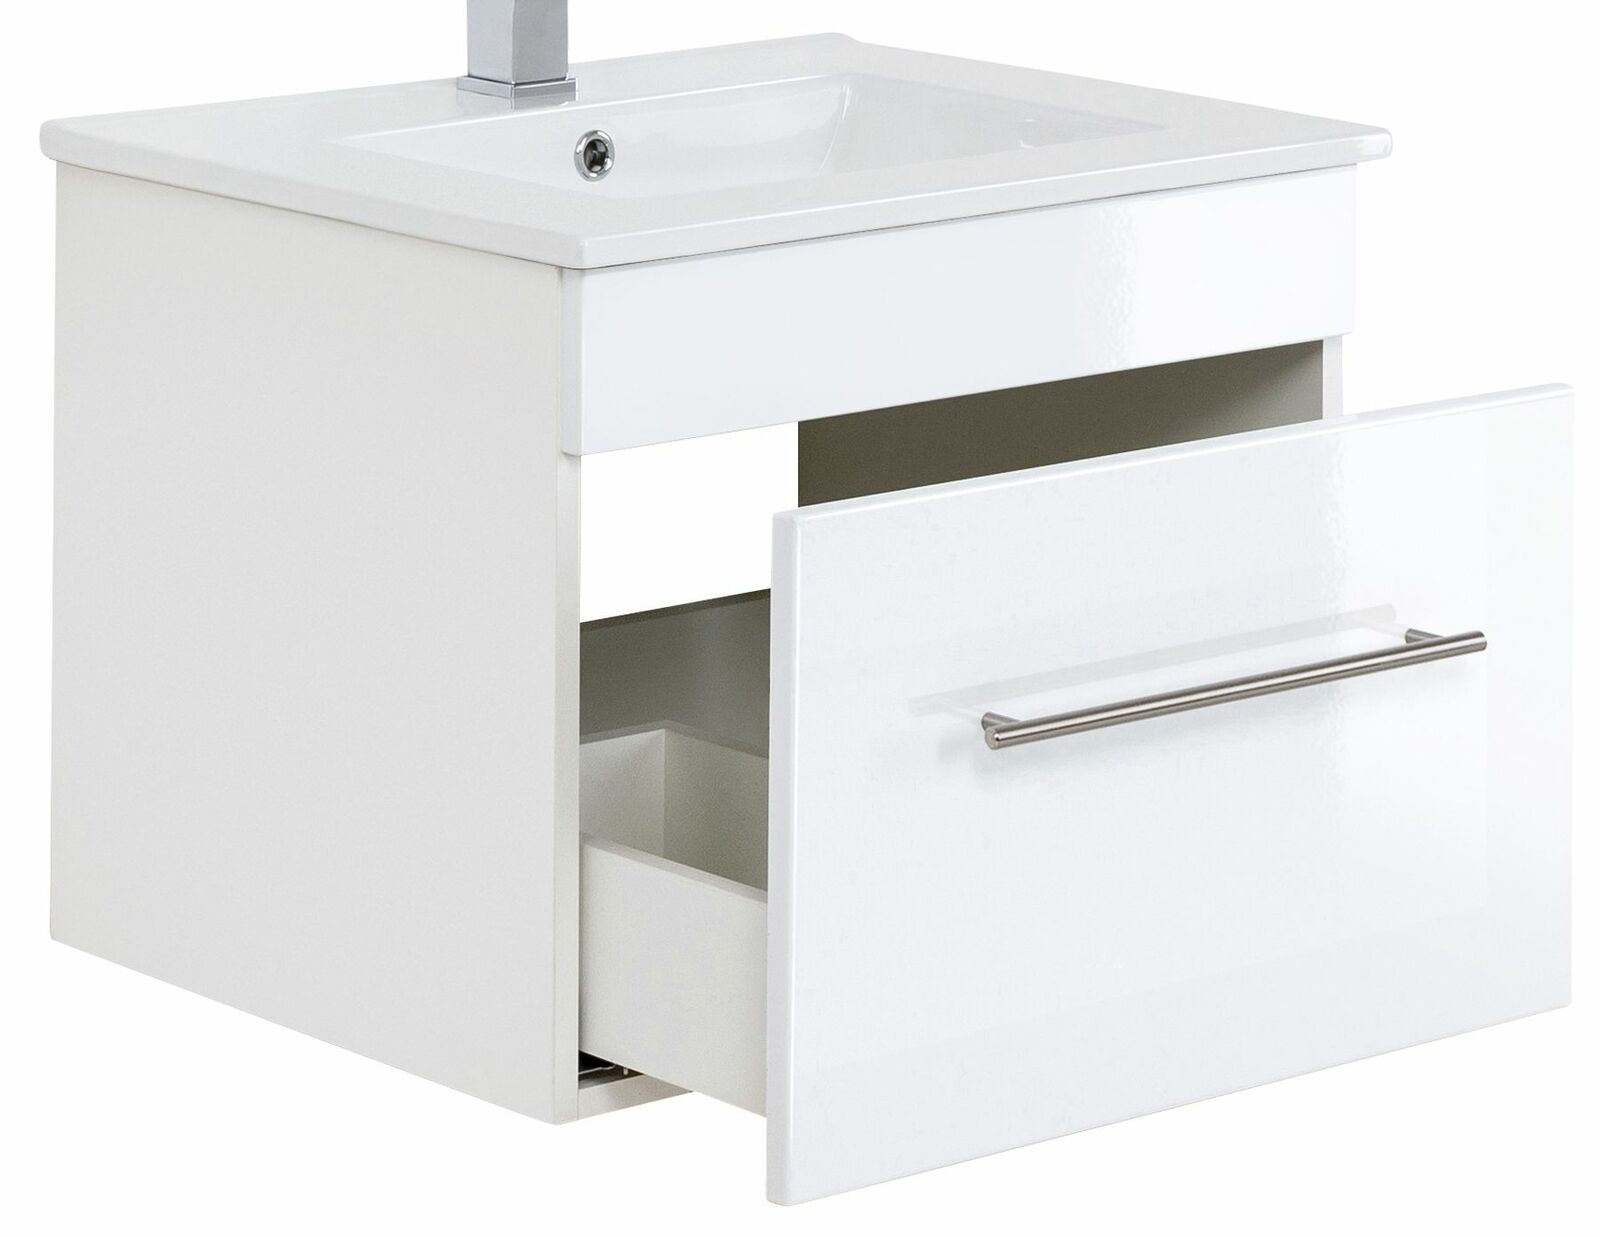 Waschplatz 75, 5 cm VIVA hängend Keramikbecken Schublade Waschtisch Gäste  WC Bad